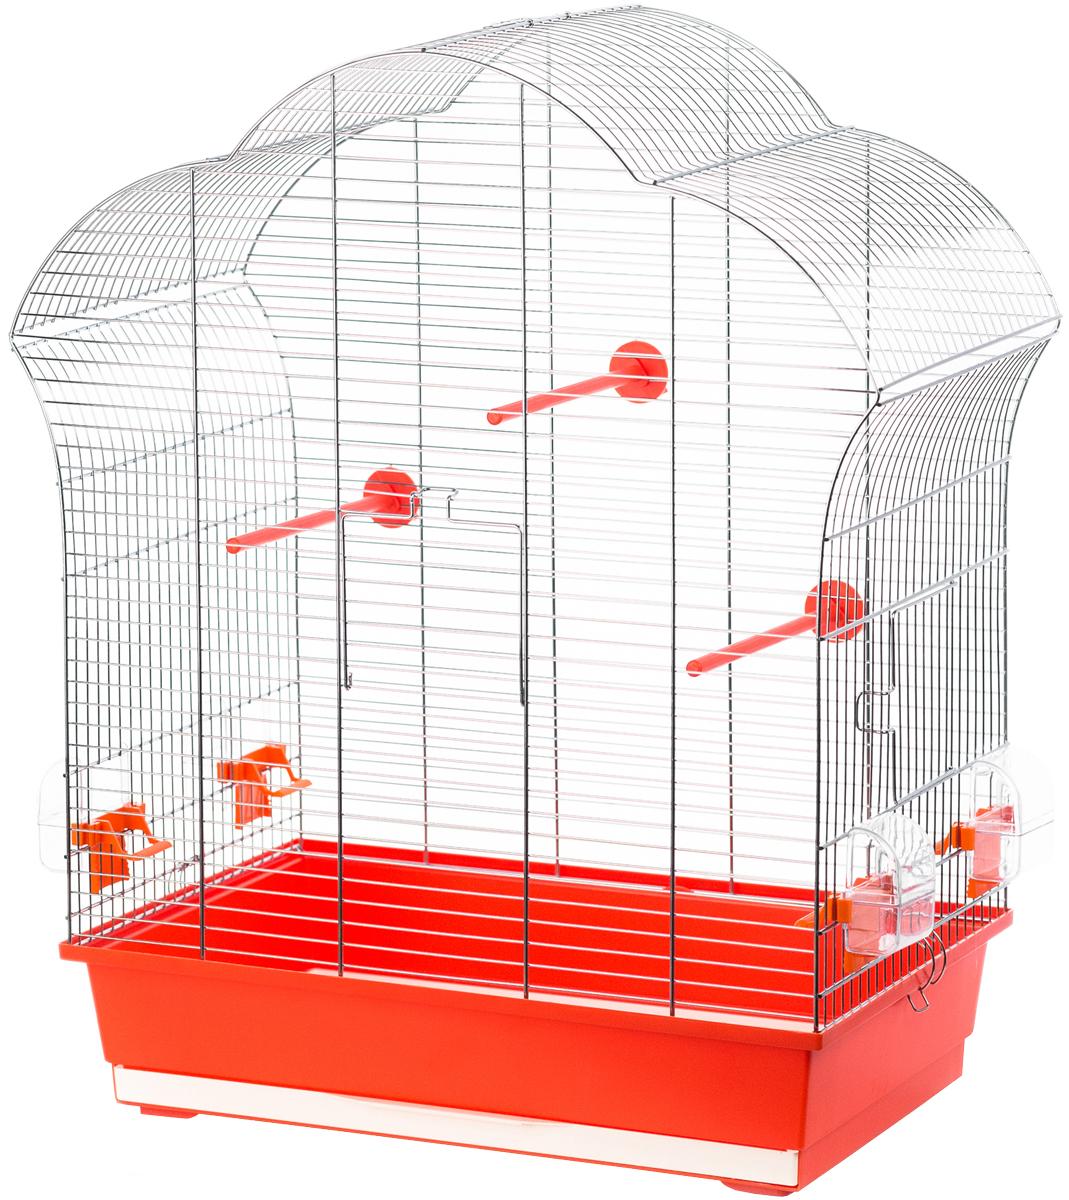 Клетка для птиц Inter-Zoo P304 Laura Iii оцинкованная 60,5 х 34 х 71,5 см (1 шт) фото